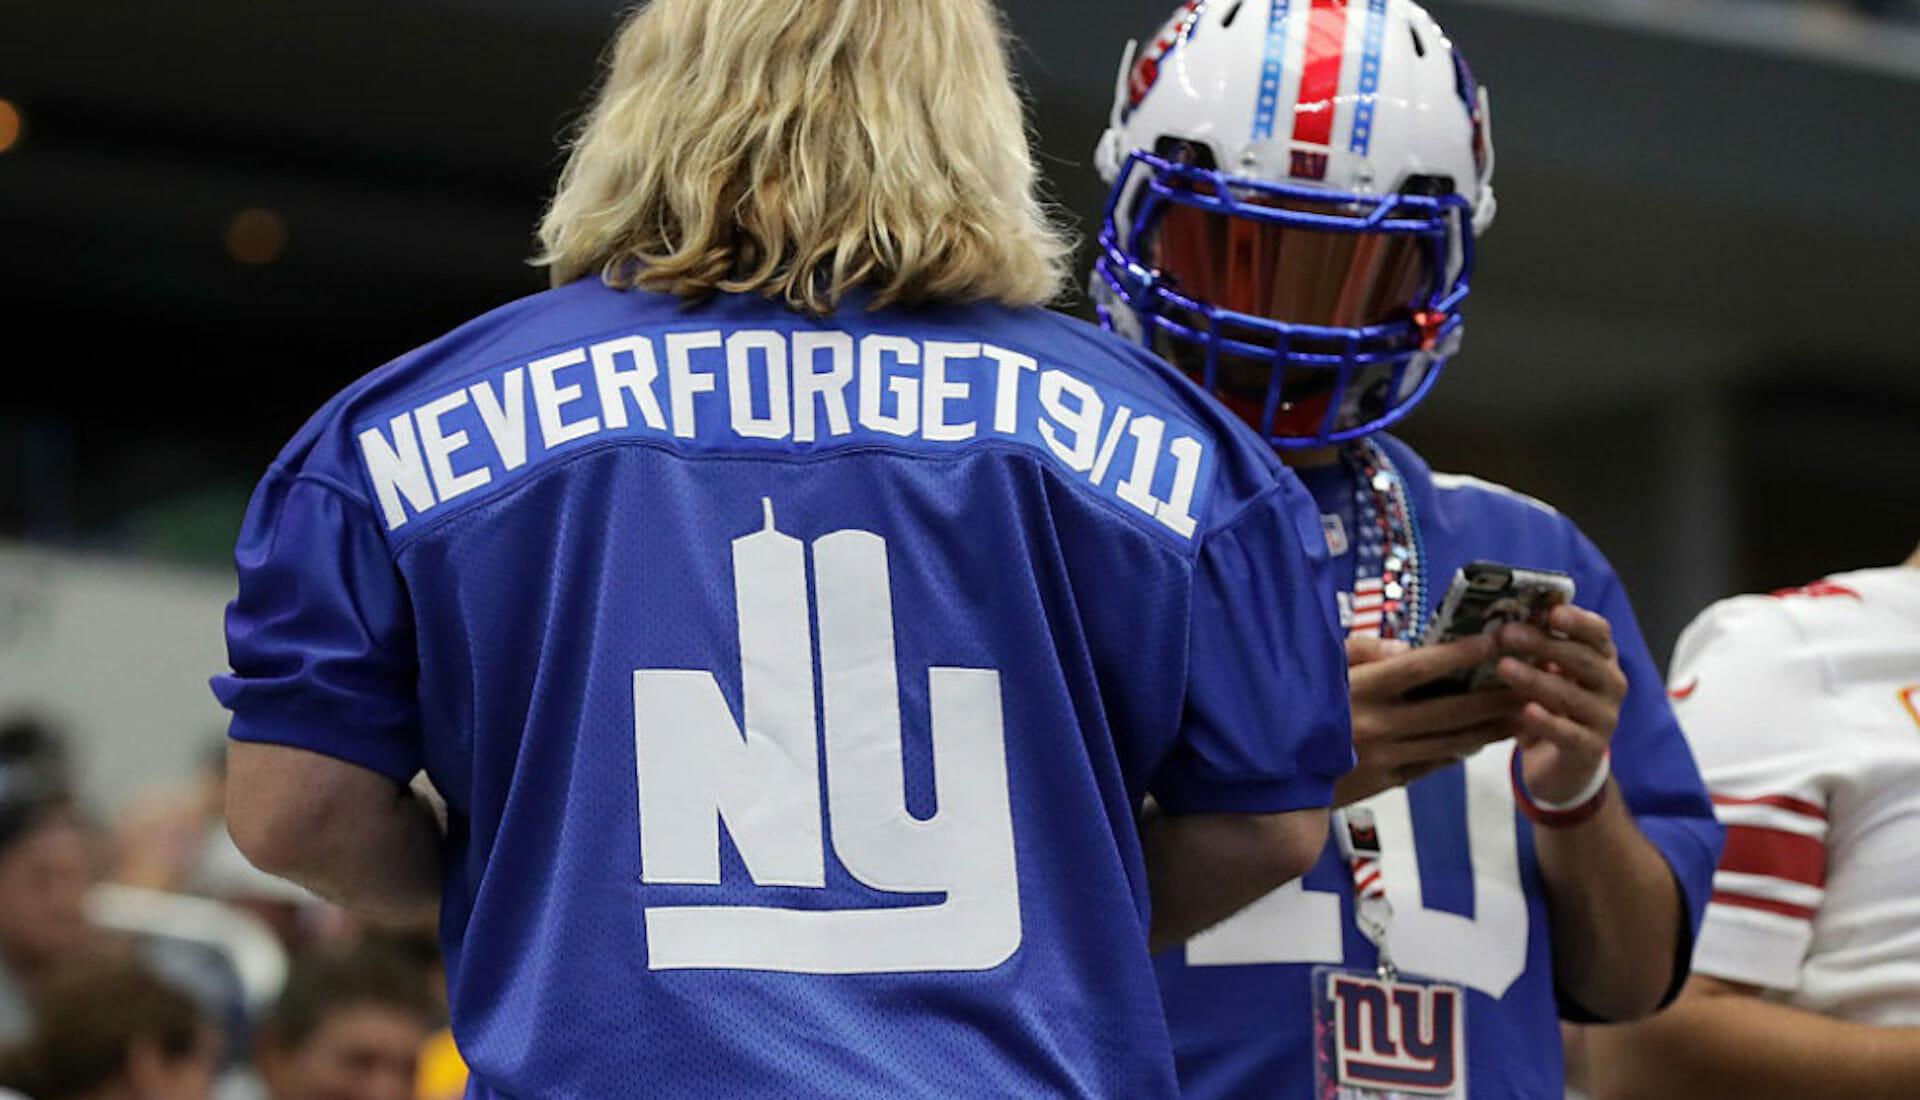 11 septembre 2001: Une date qui a marqué le monde du sport